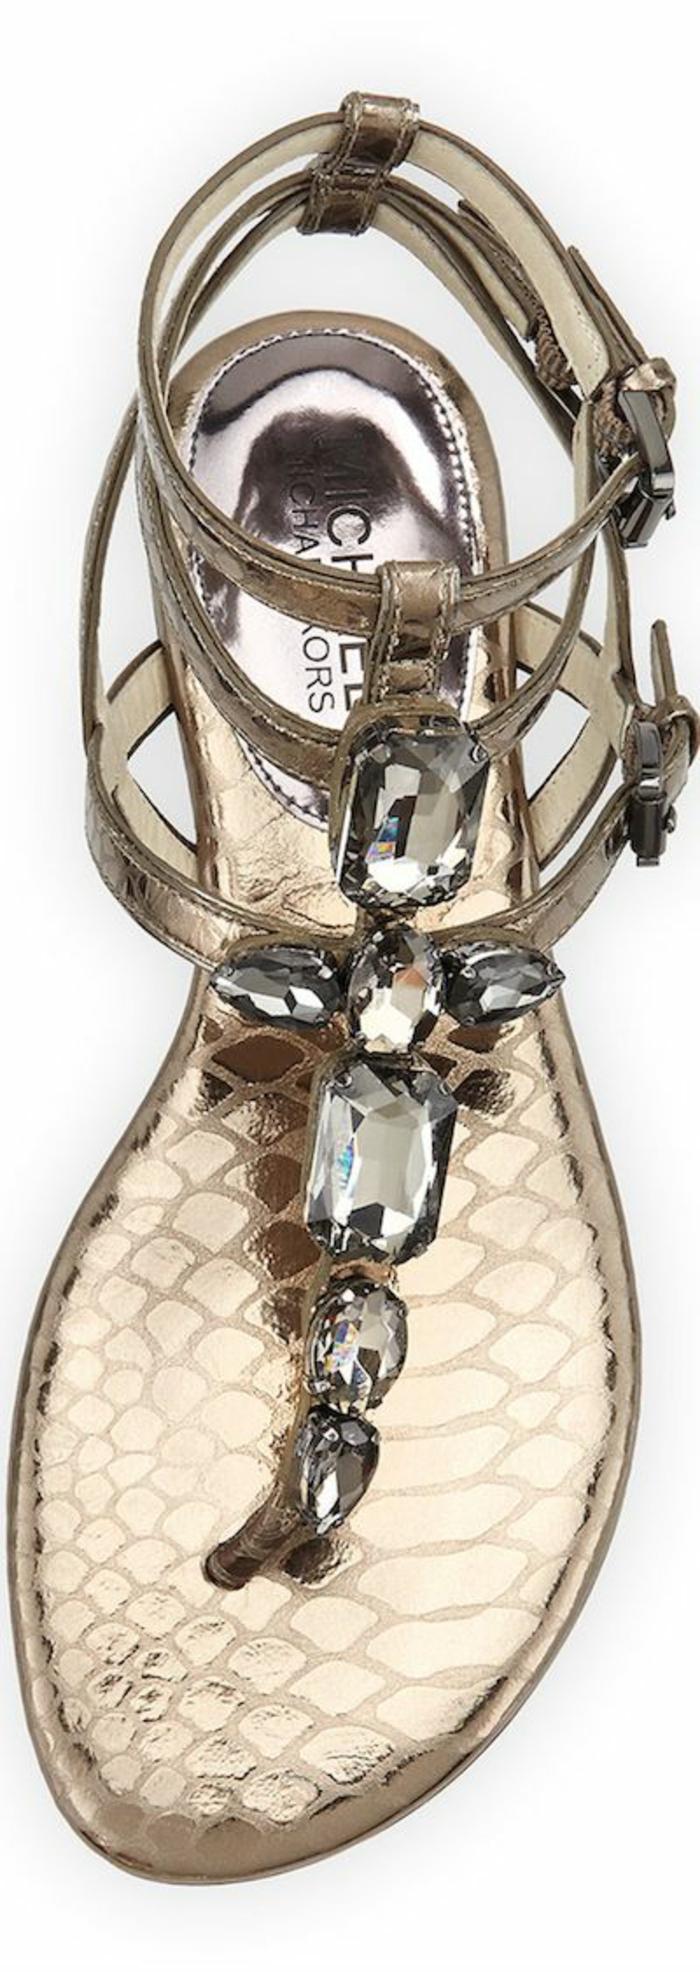 sandales pour femme finiture irisée métallique lanière avec plusieurs tours sur la cheville et avec des pierres synthétiques en gris